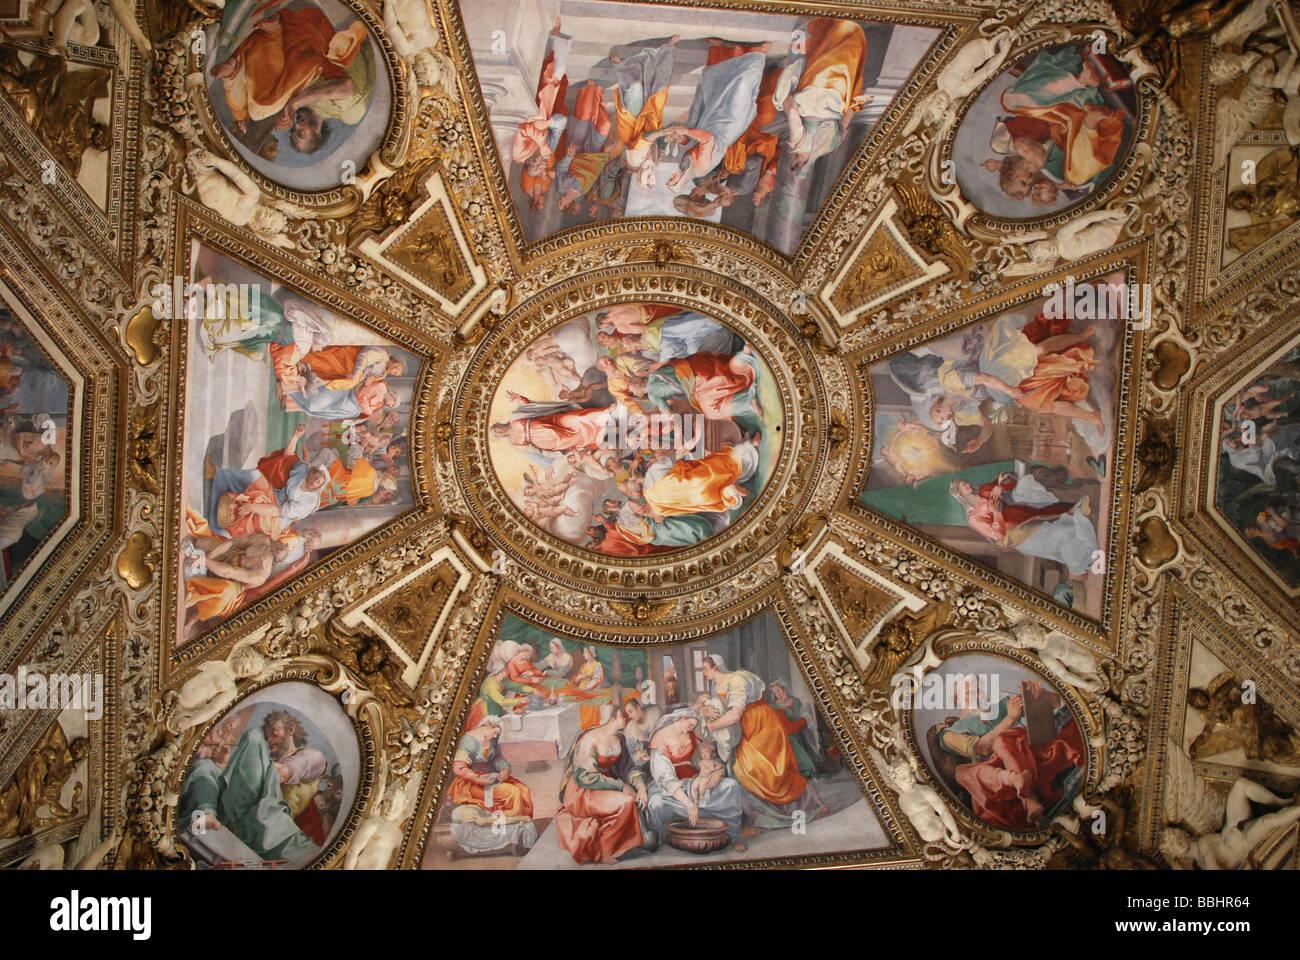 Ceiling paintings, church of Santa Maria in Trastevere